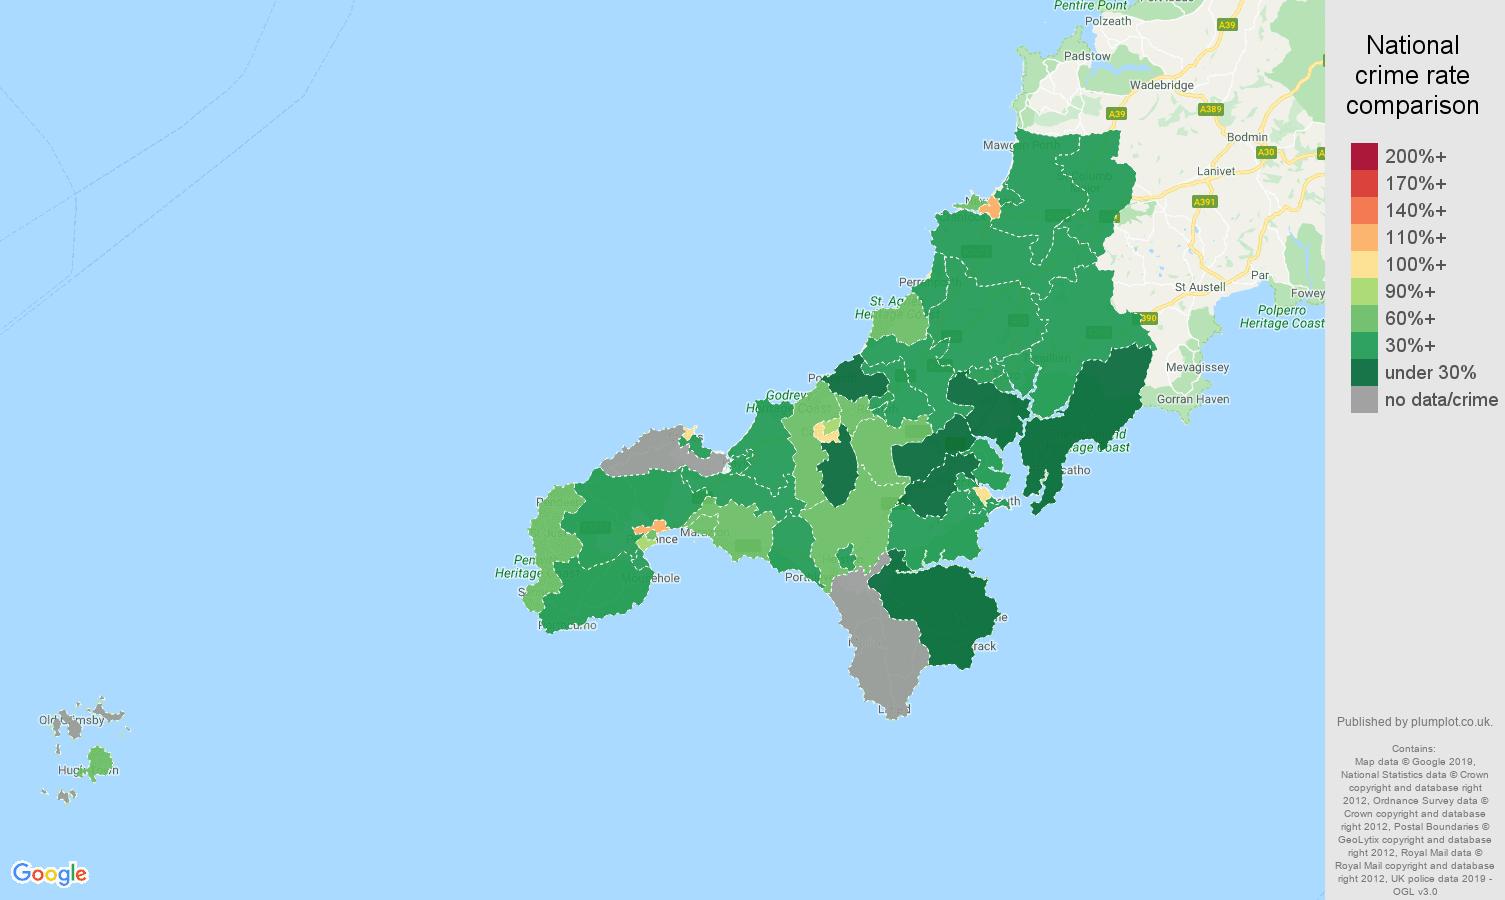 Truro other crime rate comparison map